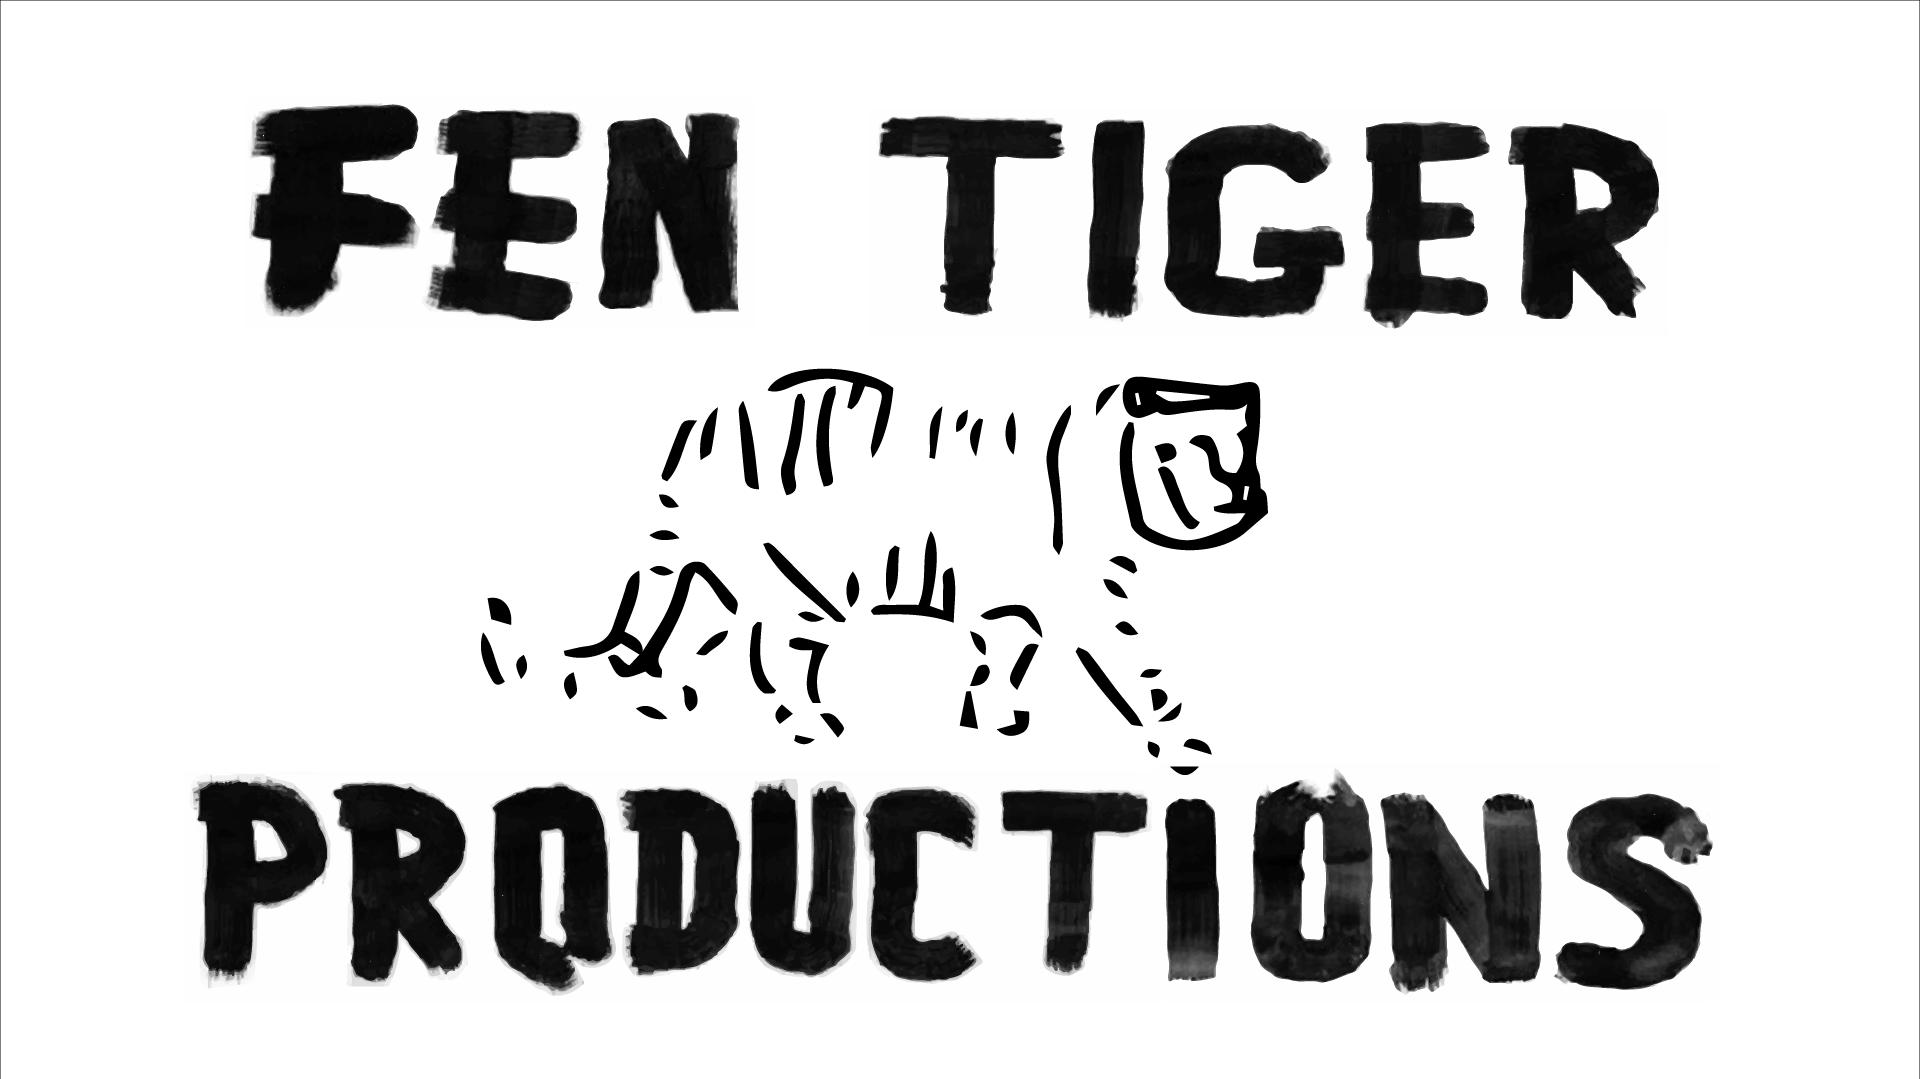 Fen Tiger Productions